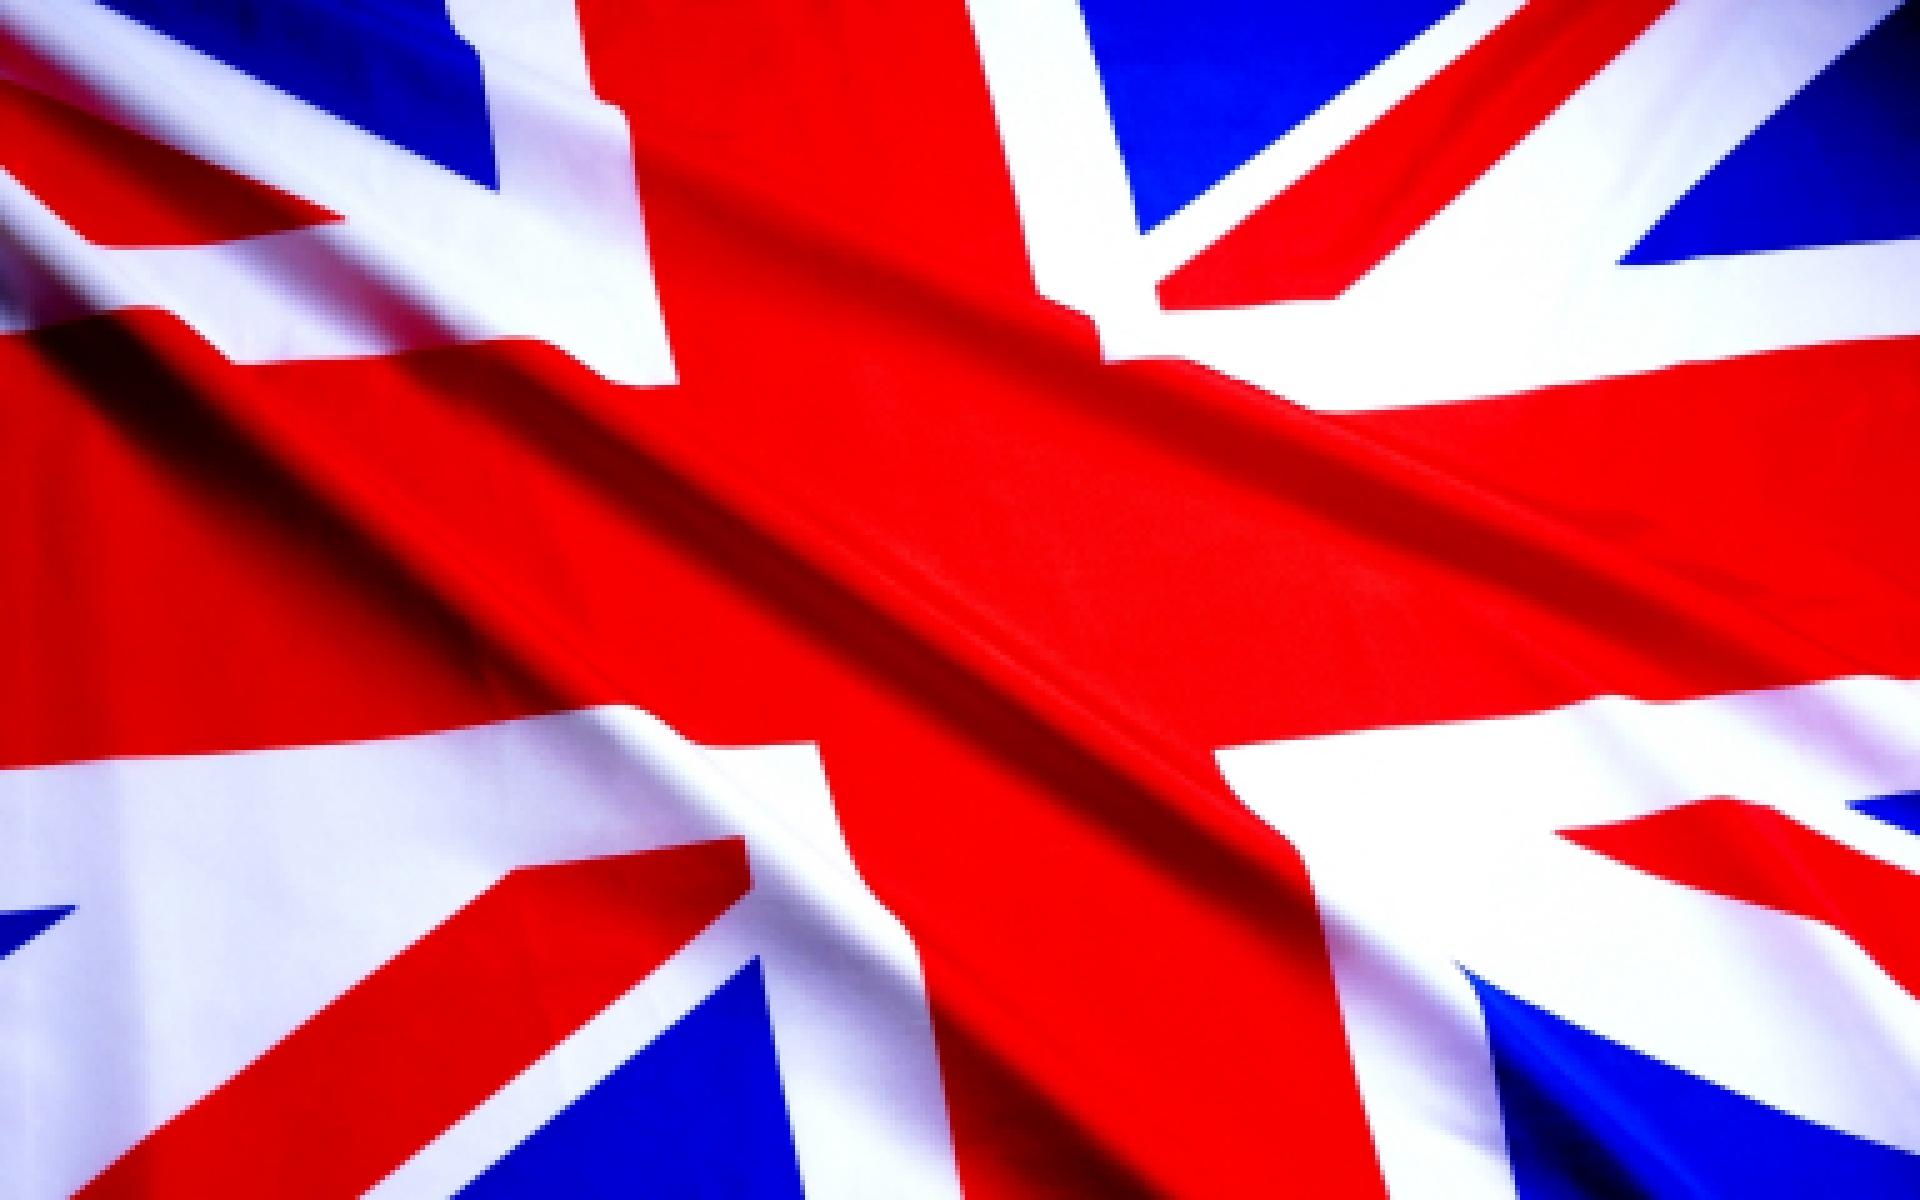 великобритания-просит-урегулировать-криптовалюту